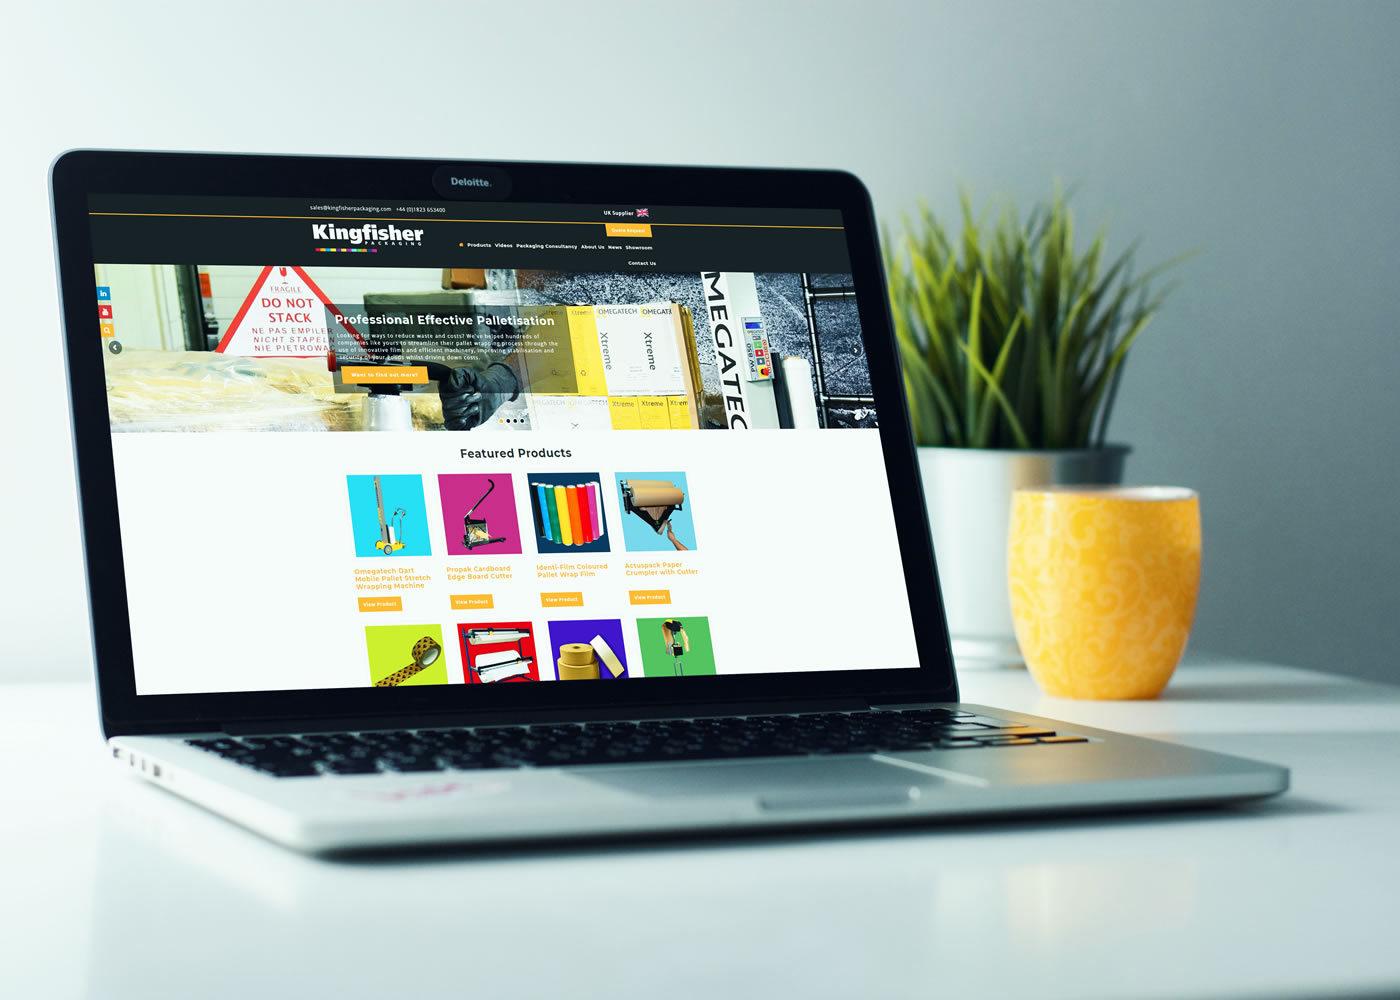 macbook-kingfisher-packaging